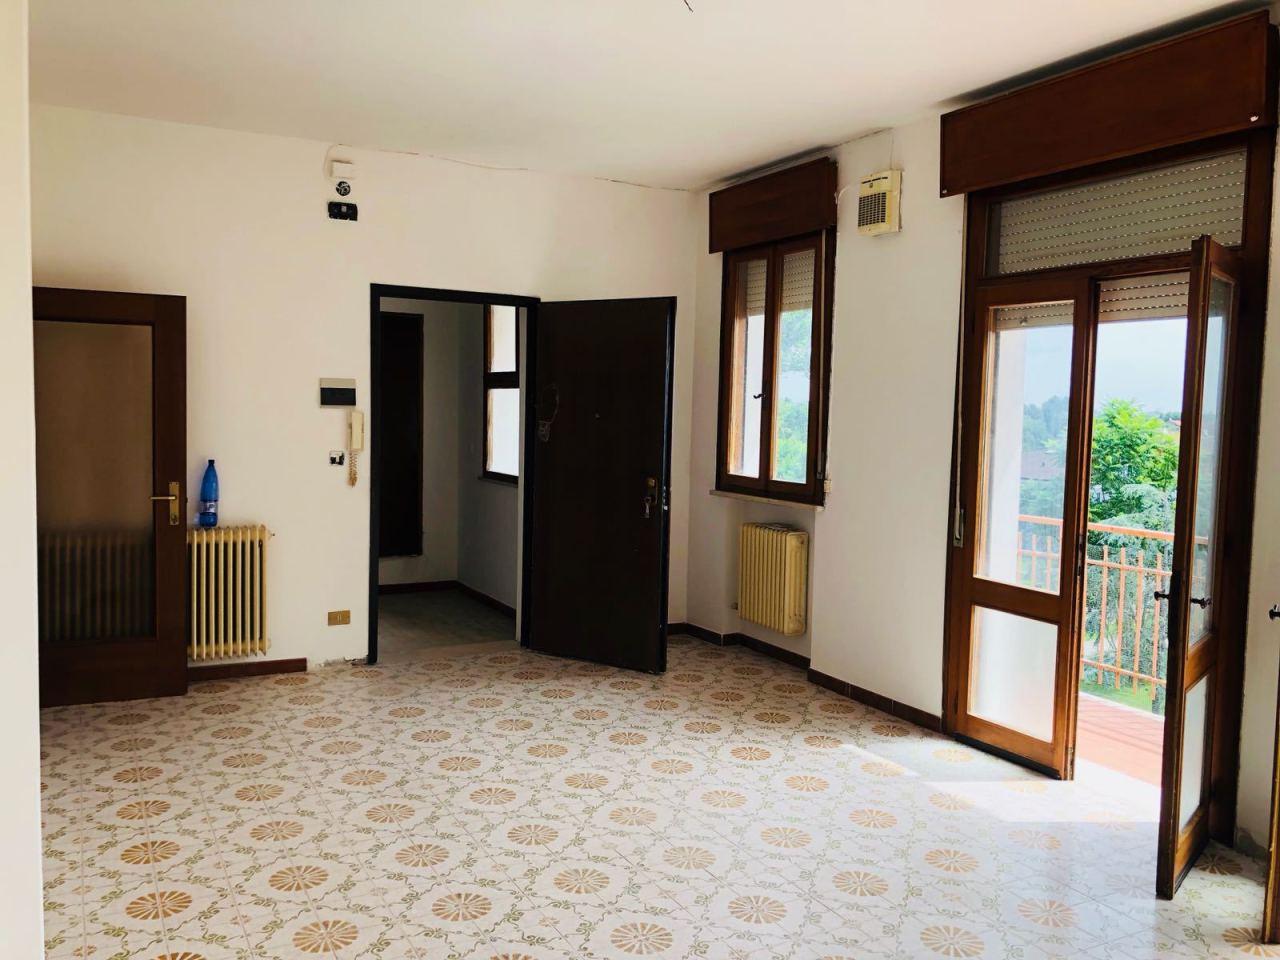 Appartamento in vendita a Taglio di Po, 6 locali, prezzo € 59.000 | CambioCasa.it